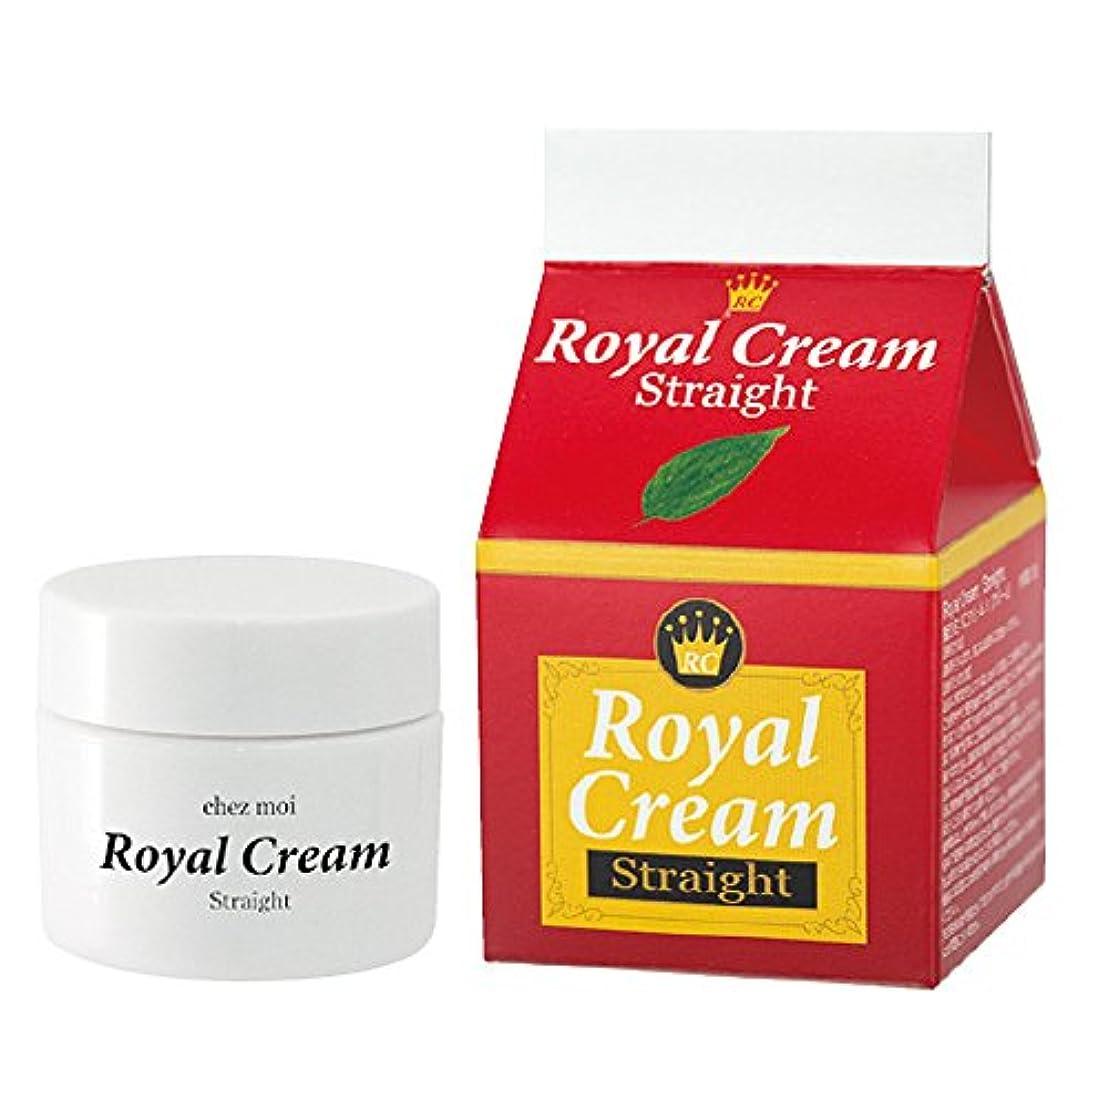 マージン気づかないはげシェモア Royal Cream Straight(ロイヤルクリームストレート) 30g